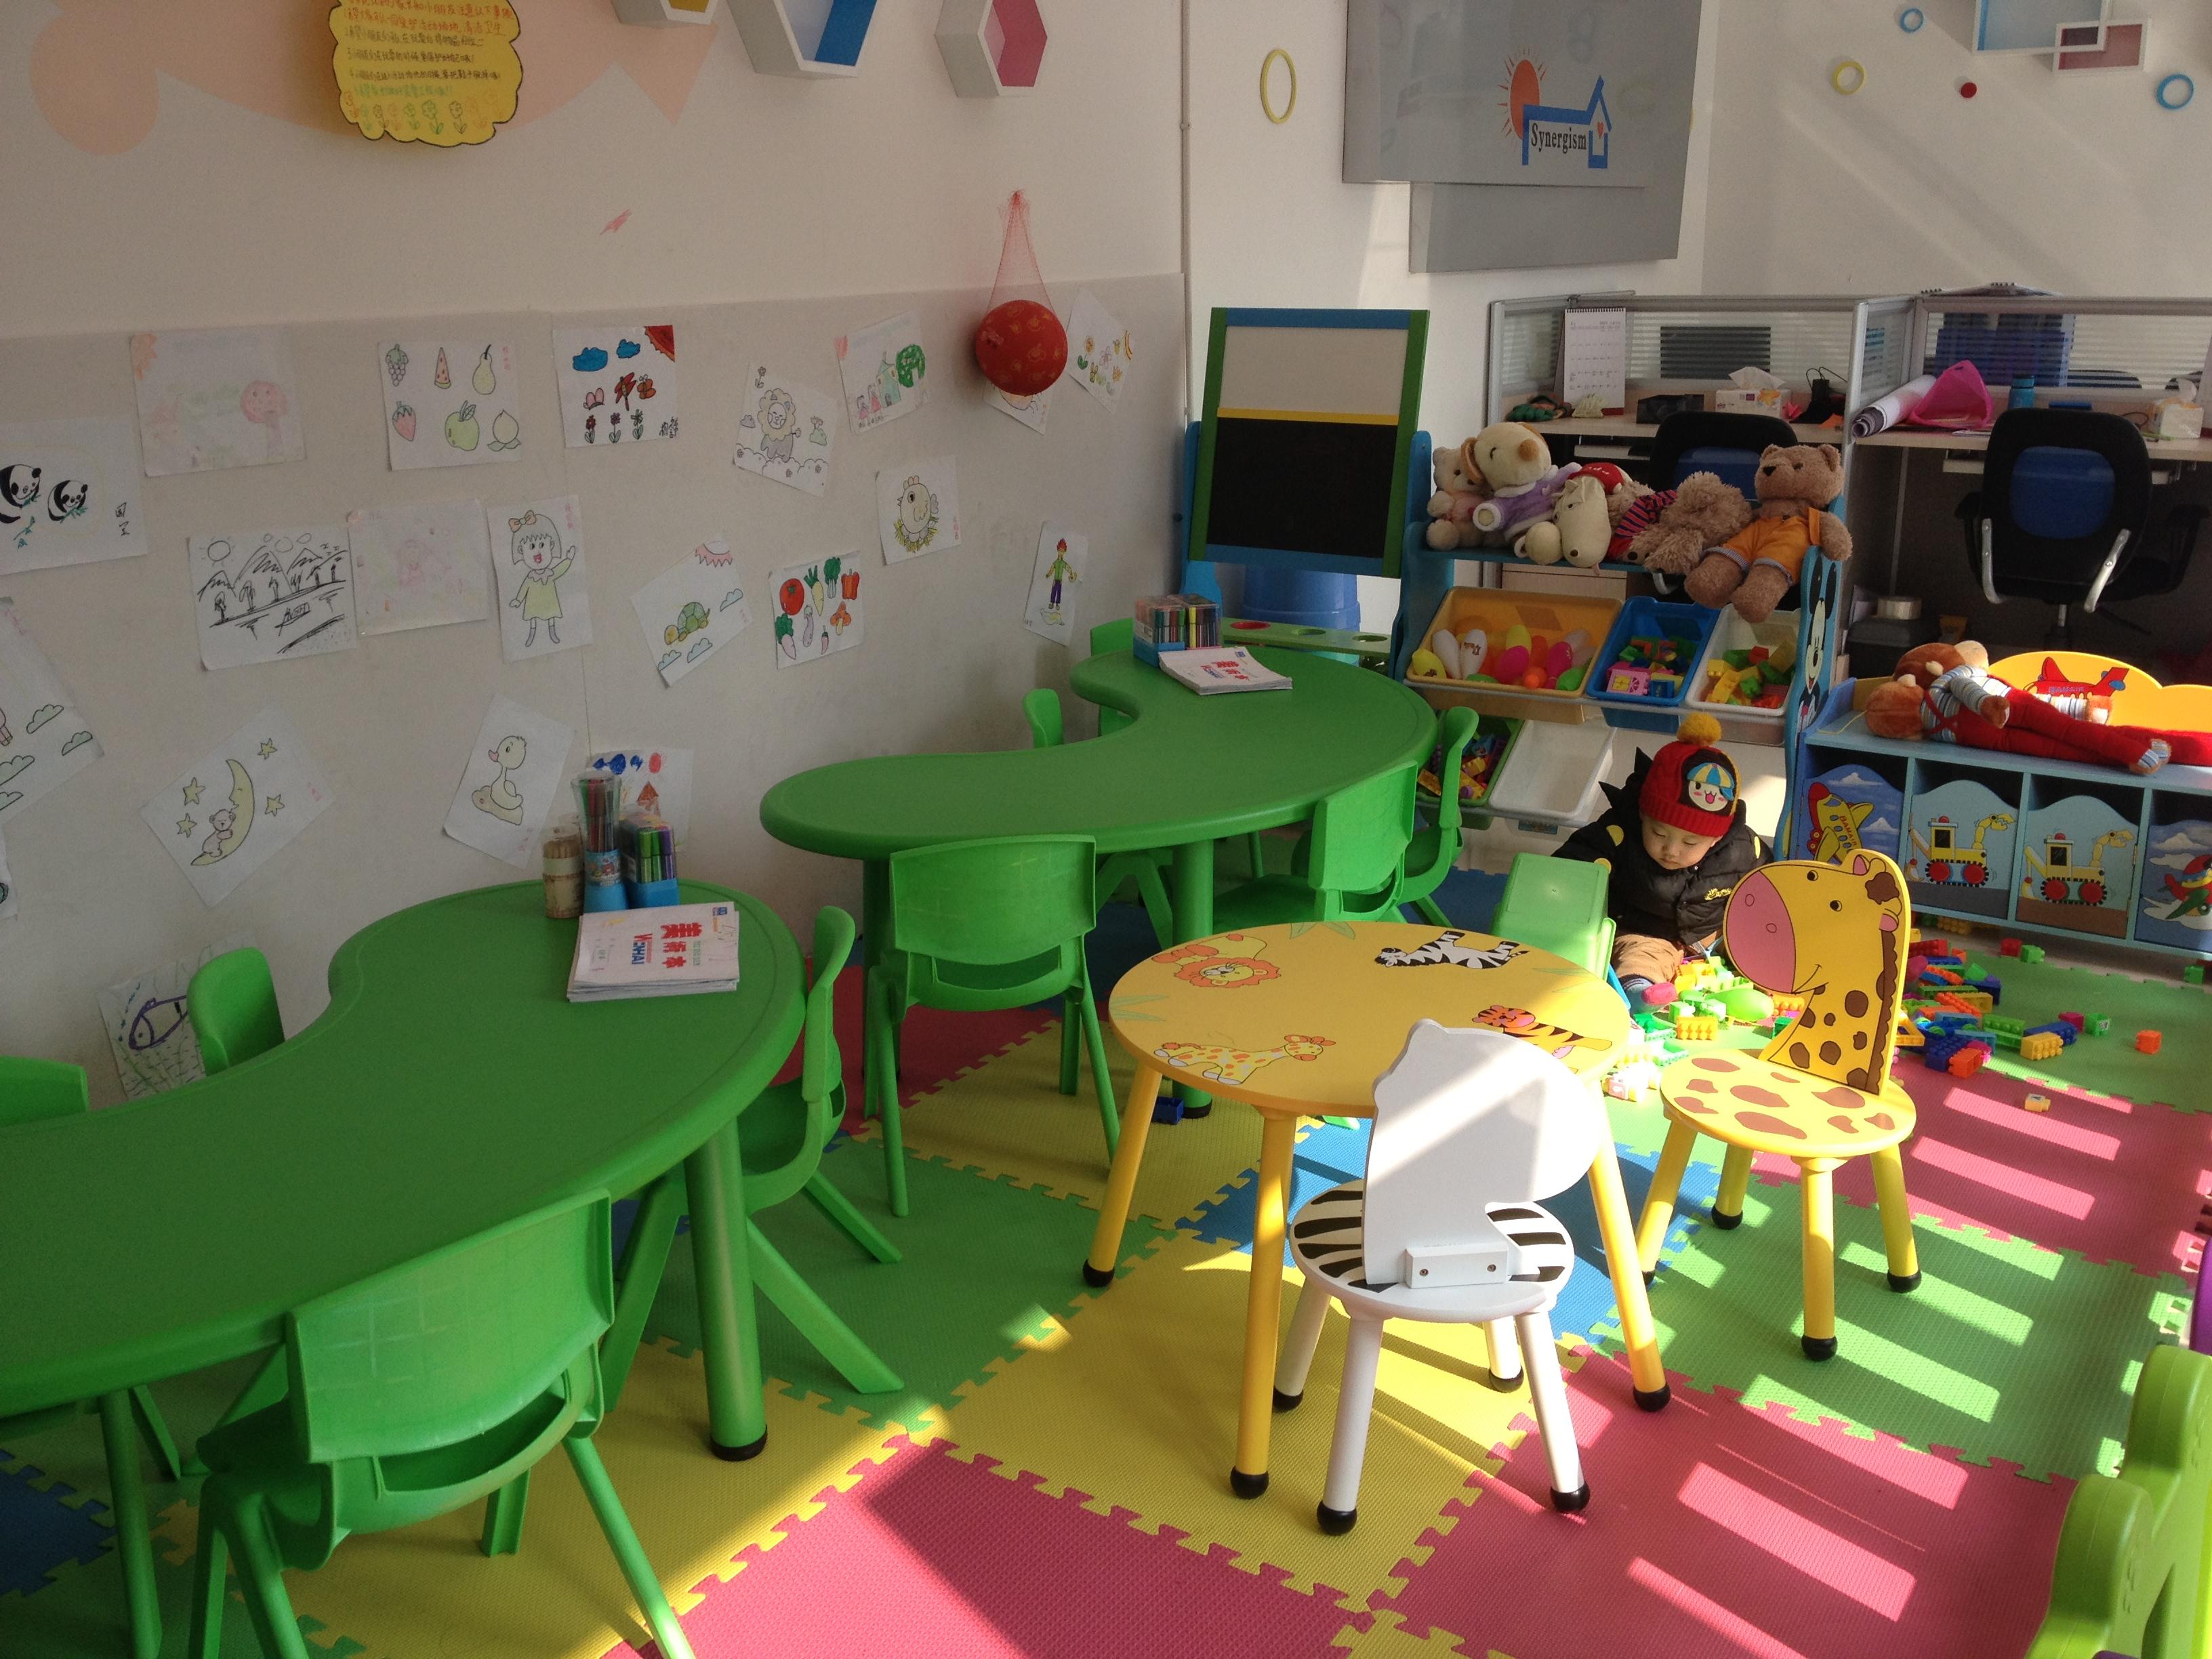 温江区建设 儿童之家 提升关爱的温度